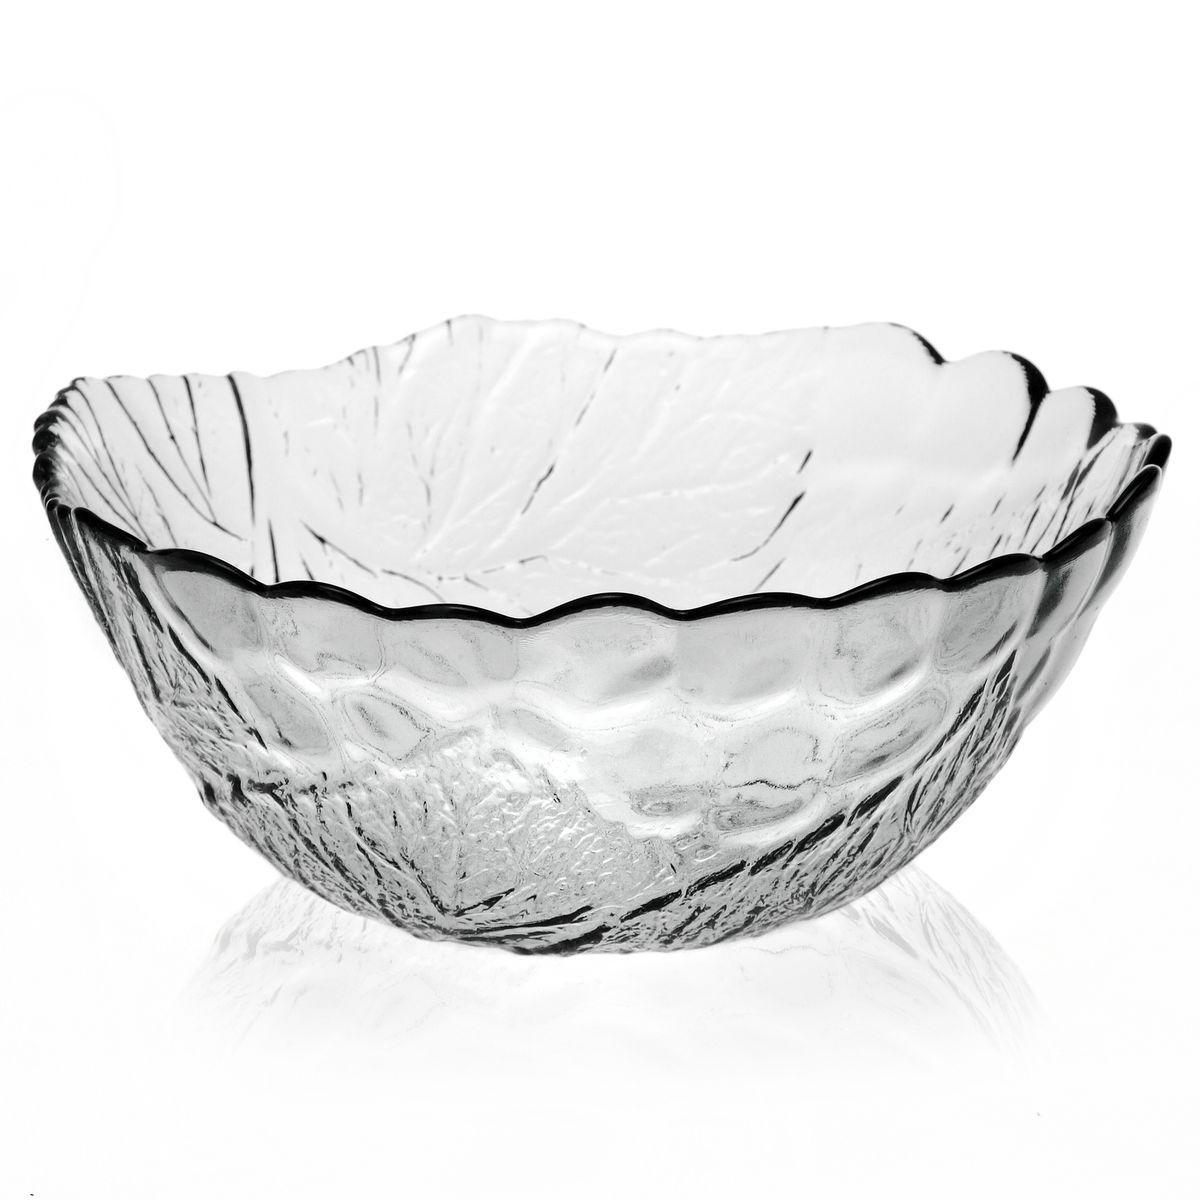 """Салатник Pasabahce """"Sultana"""", выполненный из прозрачного высококачественного натрий-кальций-силикатного стекла, предназначен для красивой сервировки различных блюд. Внешние стенки салатника имеют рифленую поверхность. Салатник сочетает в себе изысканный дизайн с максимальной функциональностью.  Оригинальность оформления придется по вкусу и ценителям классики, и тем, кто предпочитает утонченность и изящность.  Можно использовать в холодильной камере, микроволновой печи и мыть в посудомоечной машине.  Диаметр салатника: 22,5 см. Высота салатника: 9,5 см."""